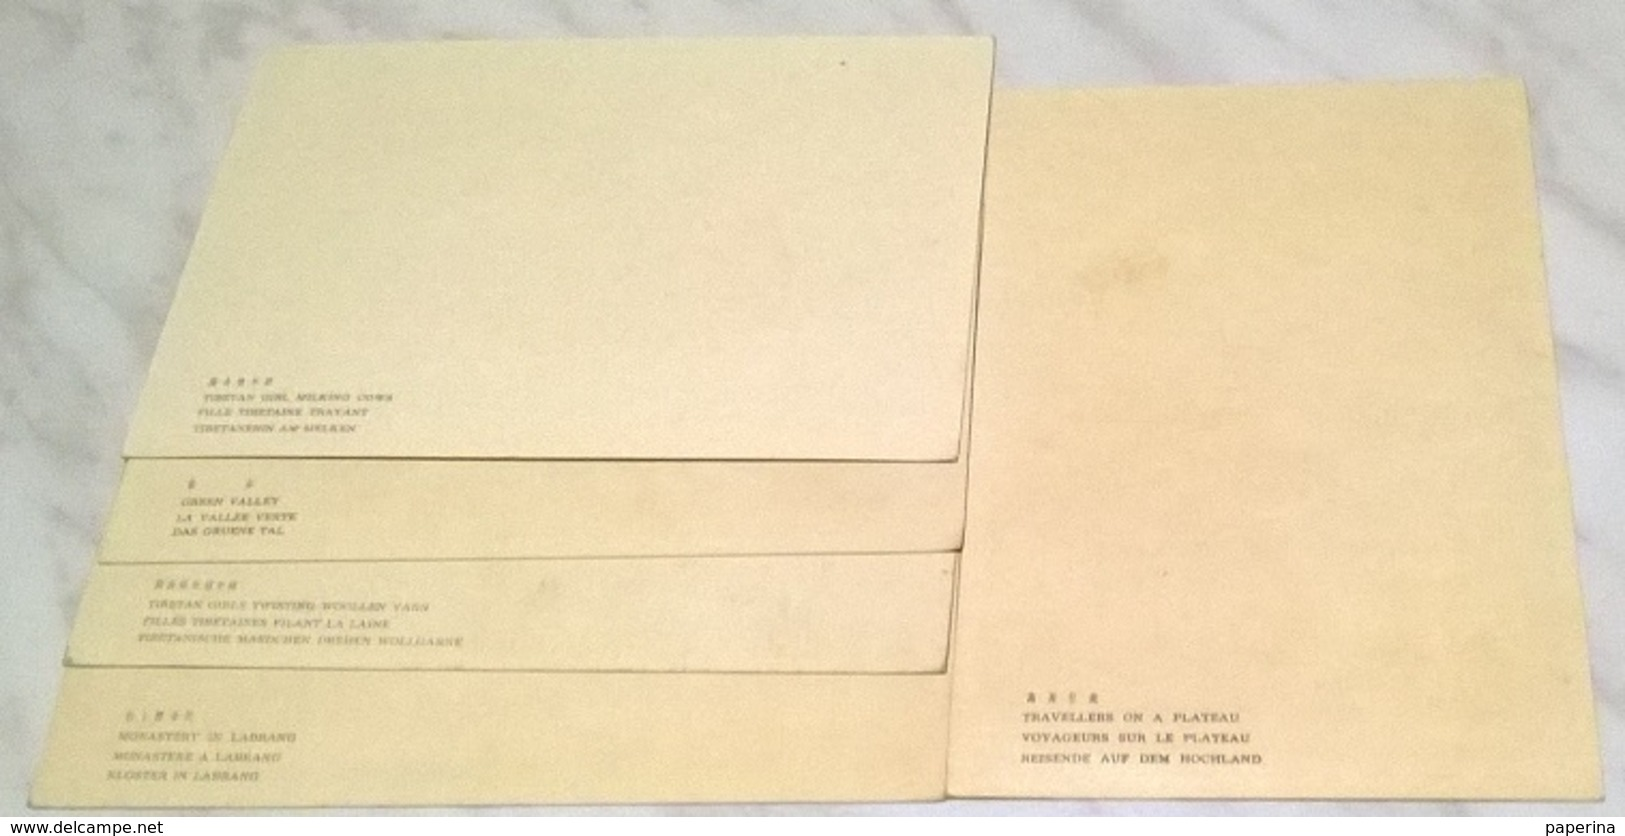 5 CARTOLINE ARTE ORIENTALE   (777) - Cartoline